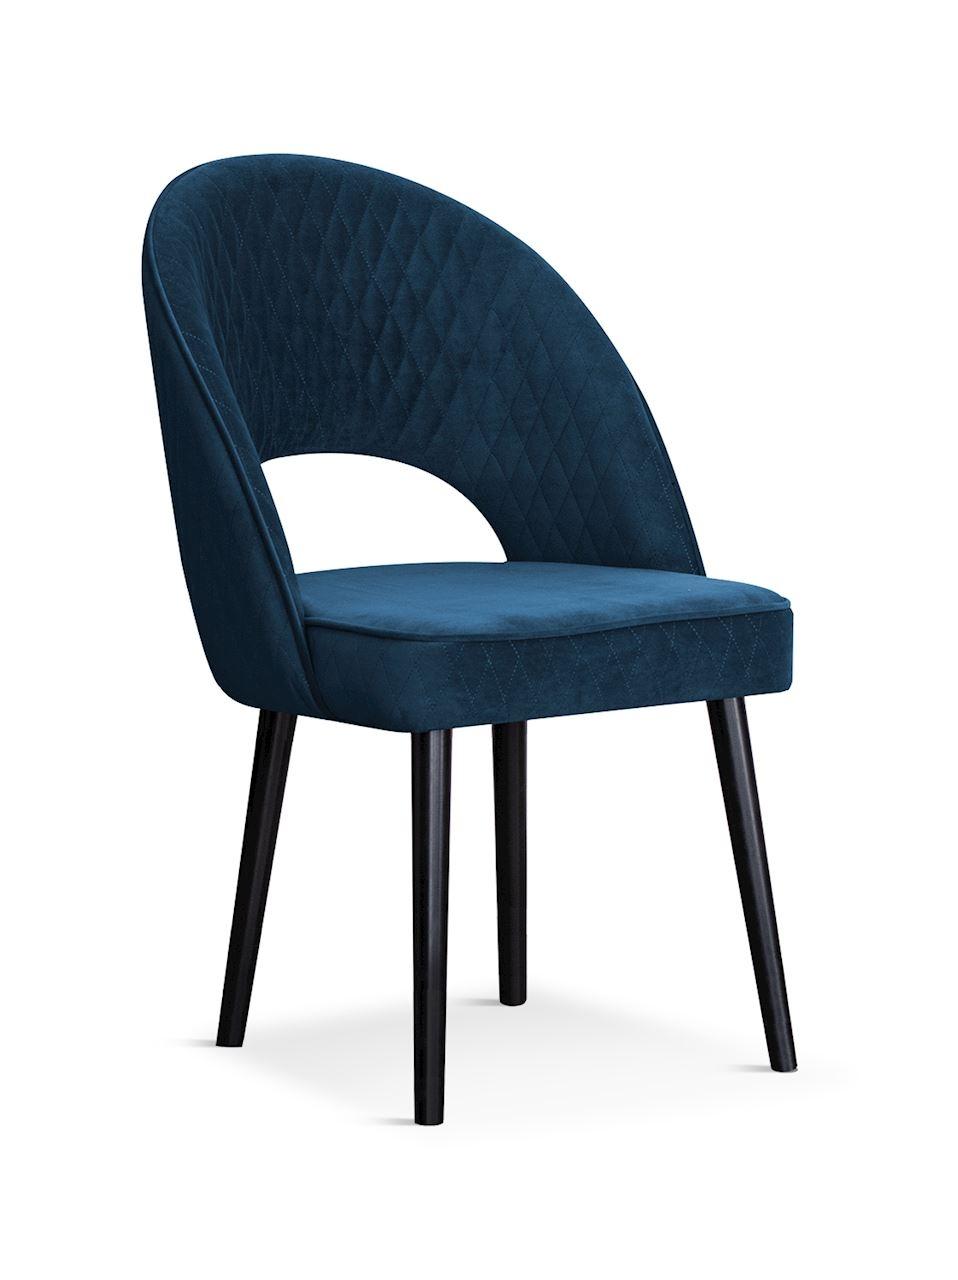 Scaun tapitat cu stofa, cu picioare din lemn Ponte Navy Blue / Black, l56xA63xH89 cm